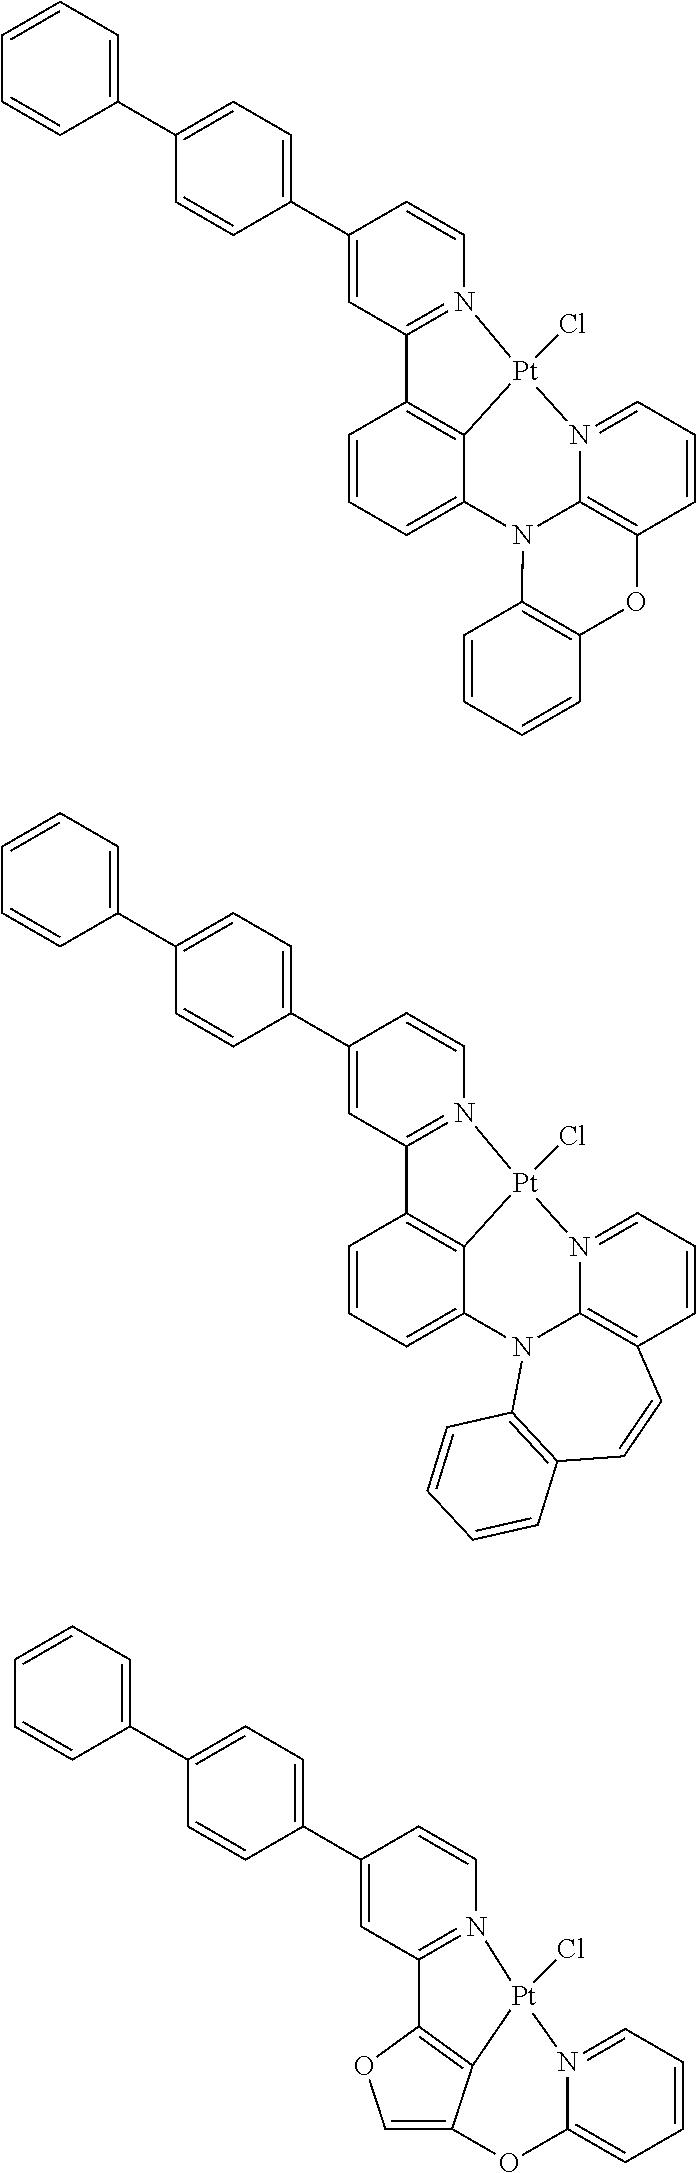 Figure US09818959-20171114-C00158